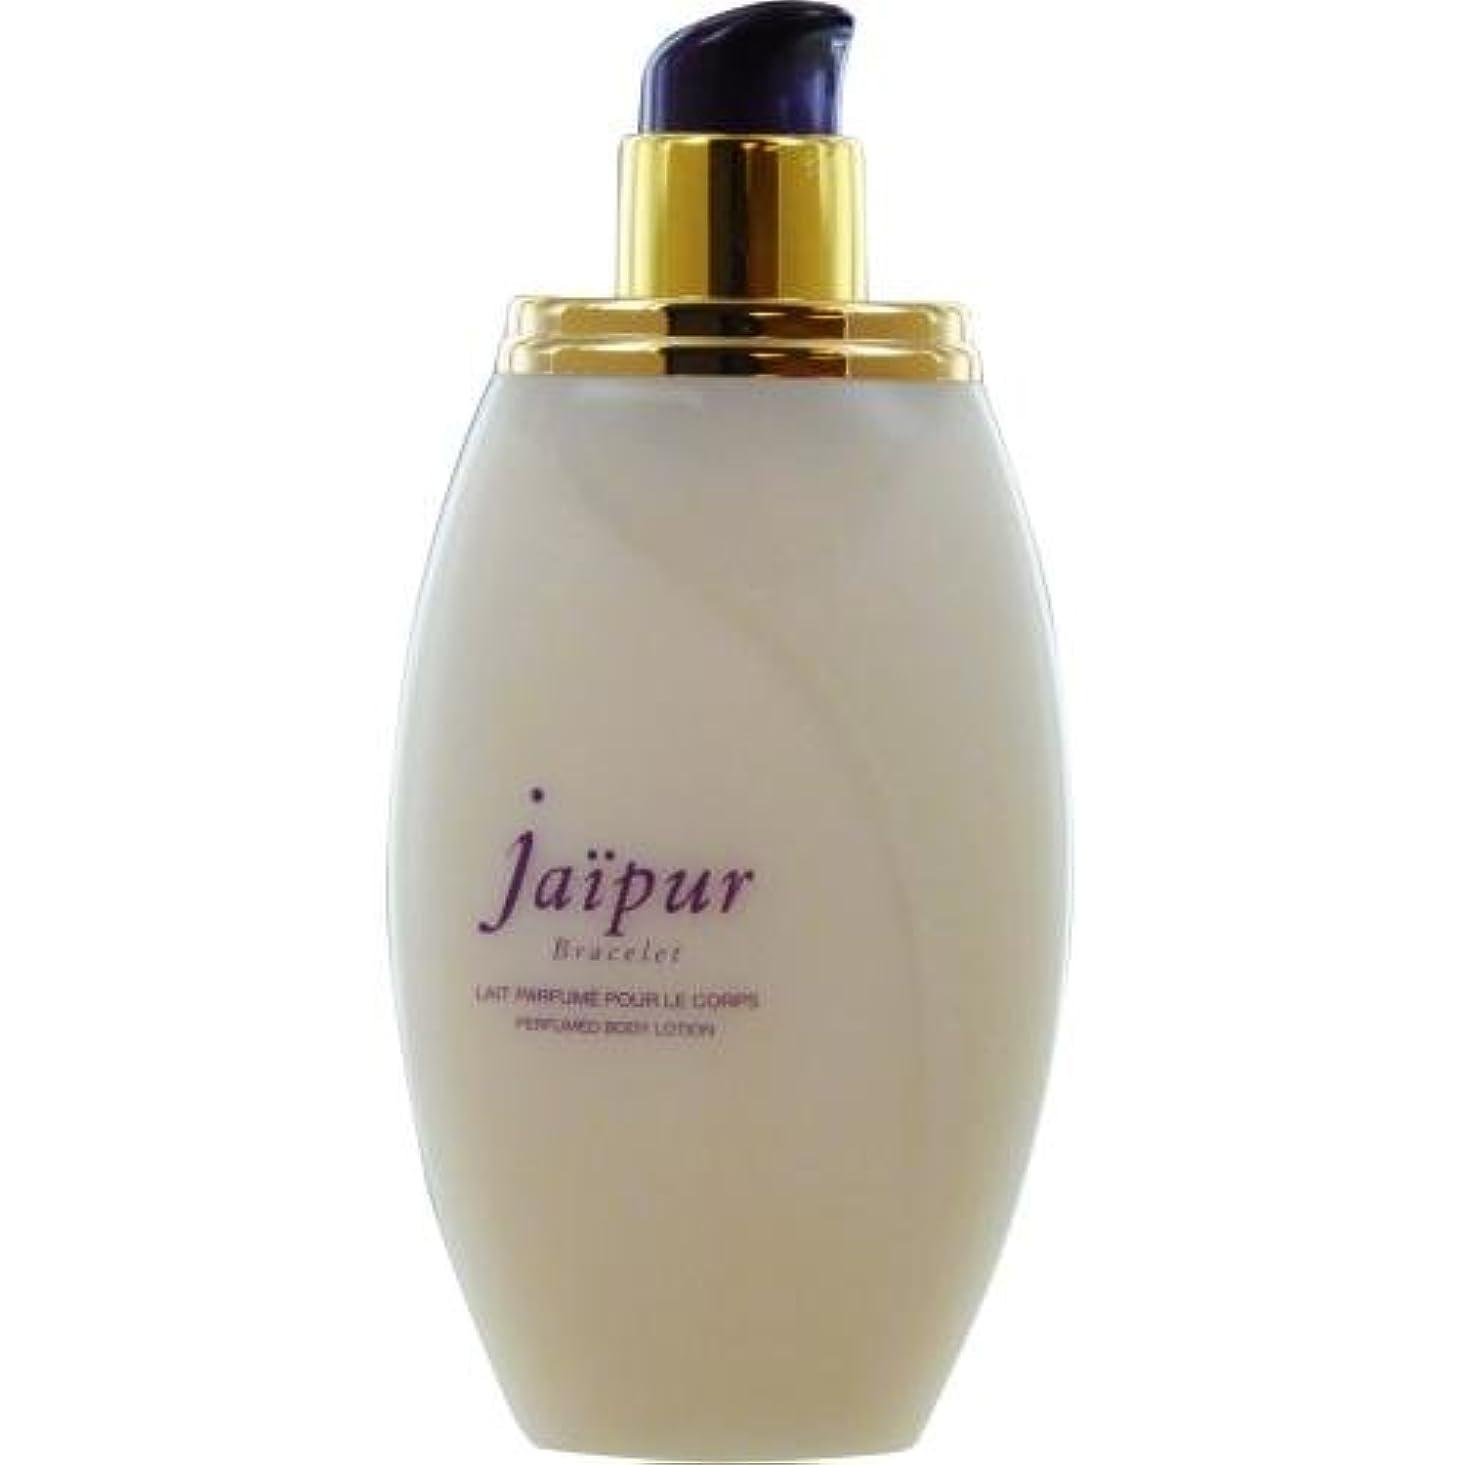 世紀味わう上に築きますJaipur Bracelet Perfumed Body Lotion